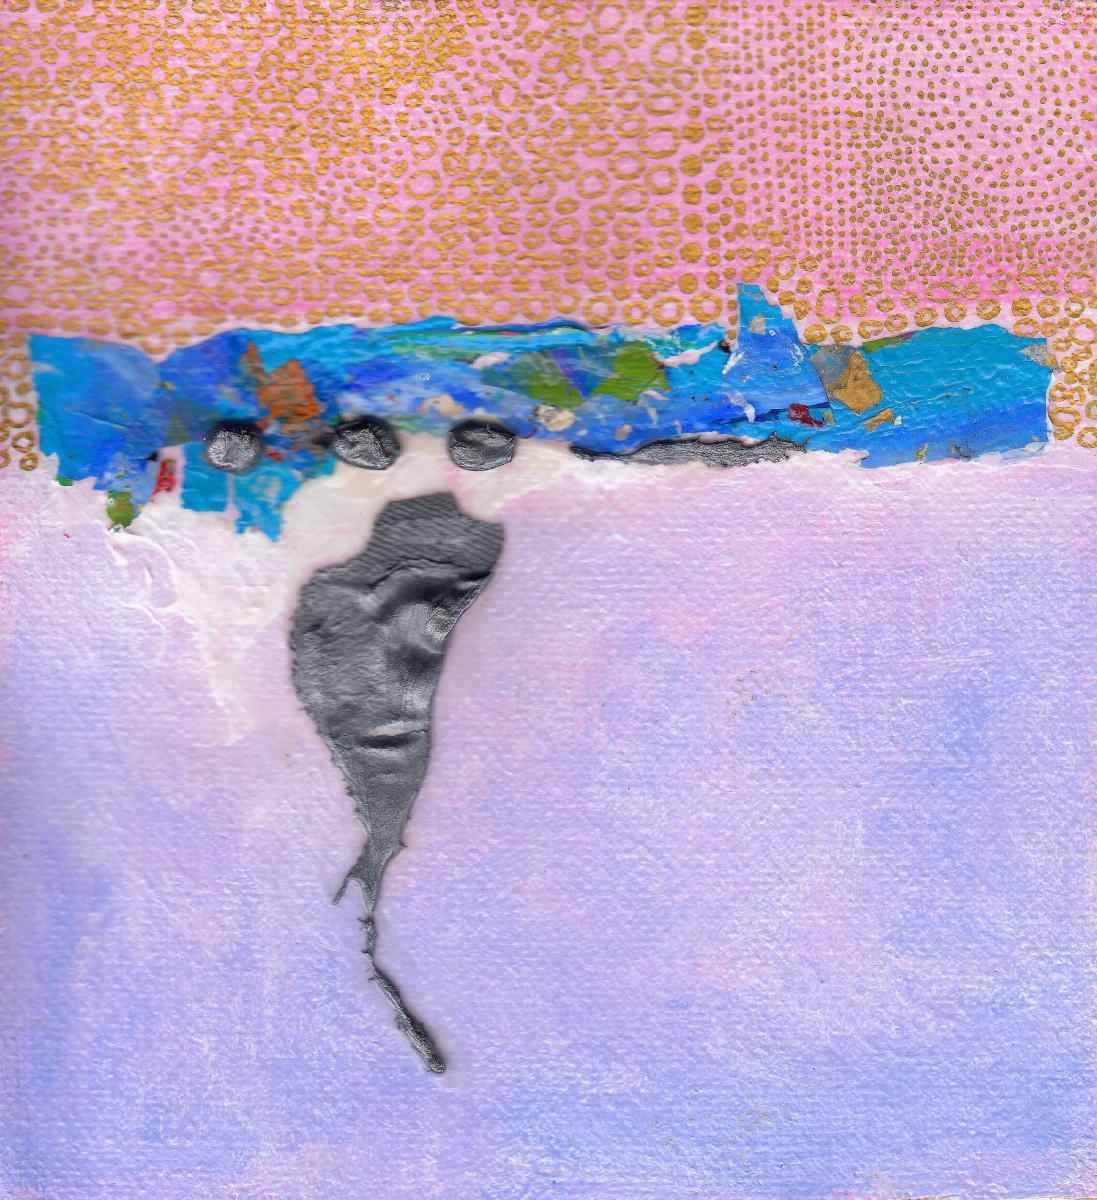 Sweet Memories by Gwen Meharg